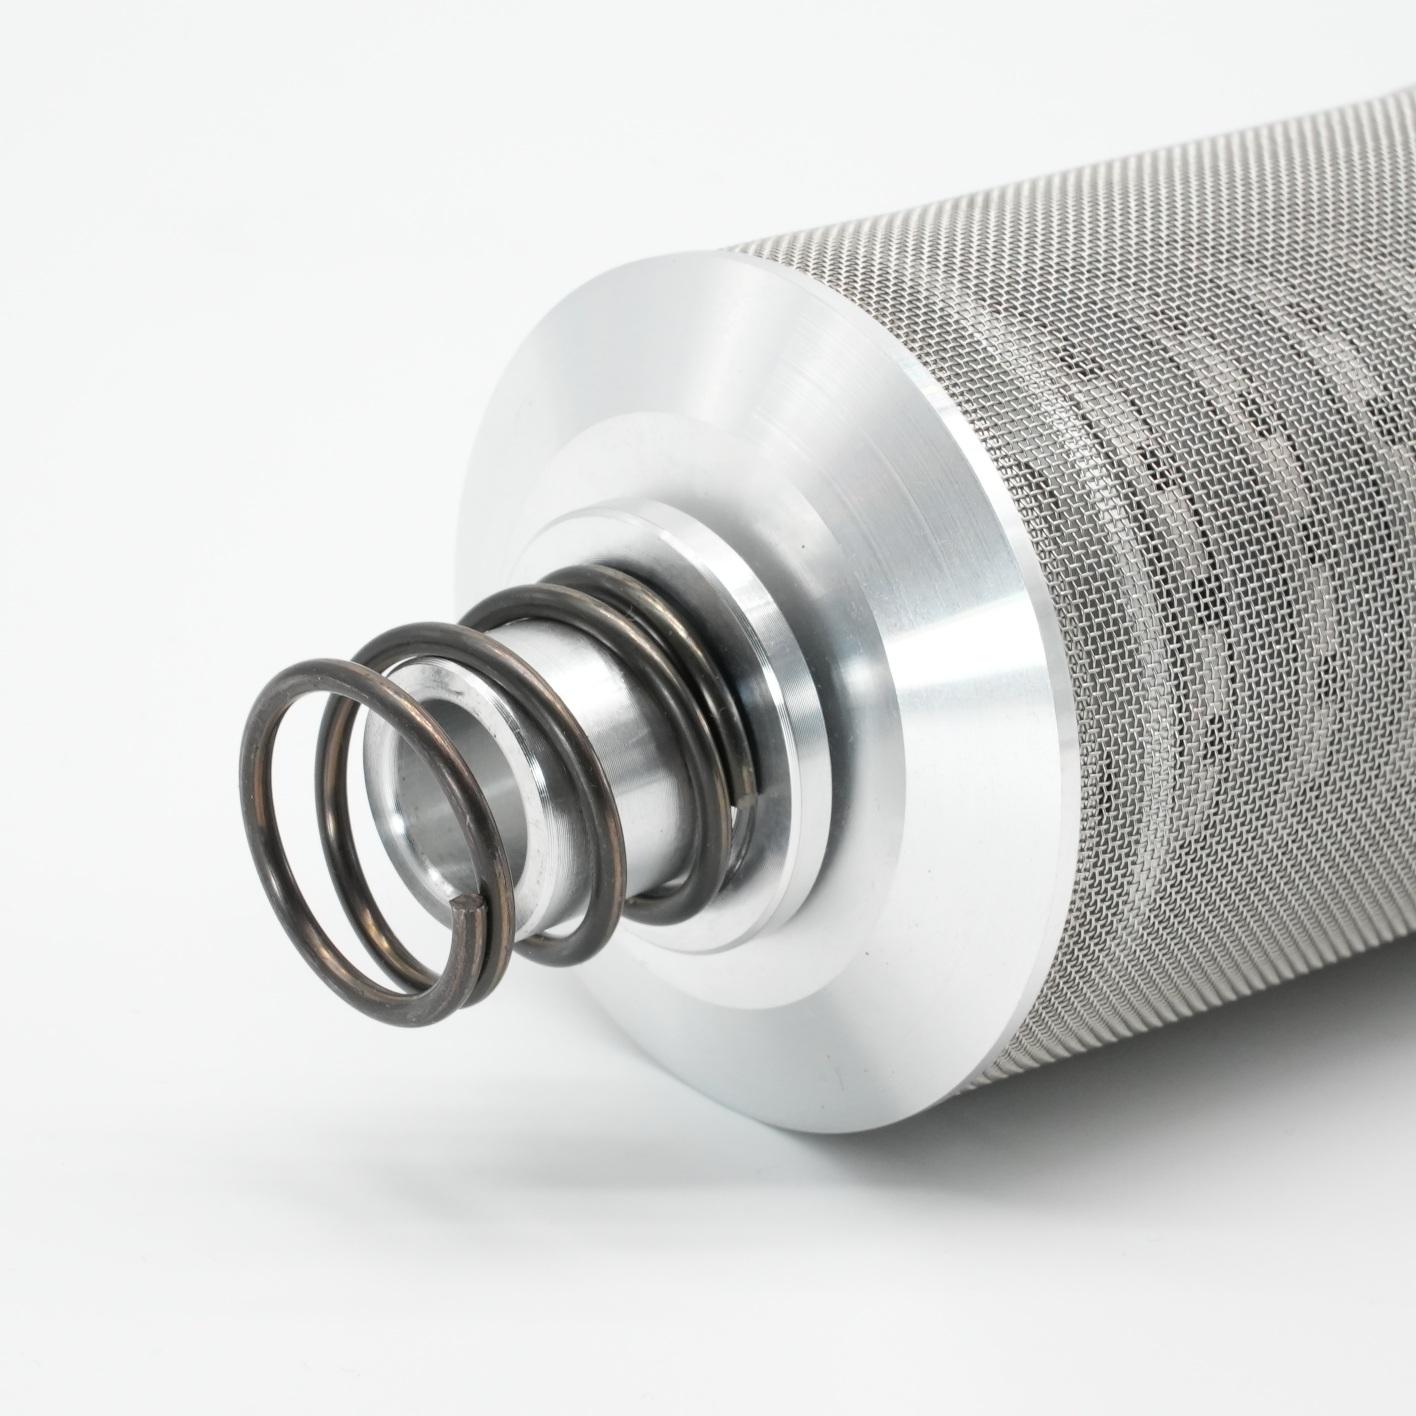 漏れないAT用オイルフィルターケース PECS変換用 ローバーミニ